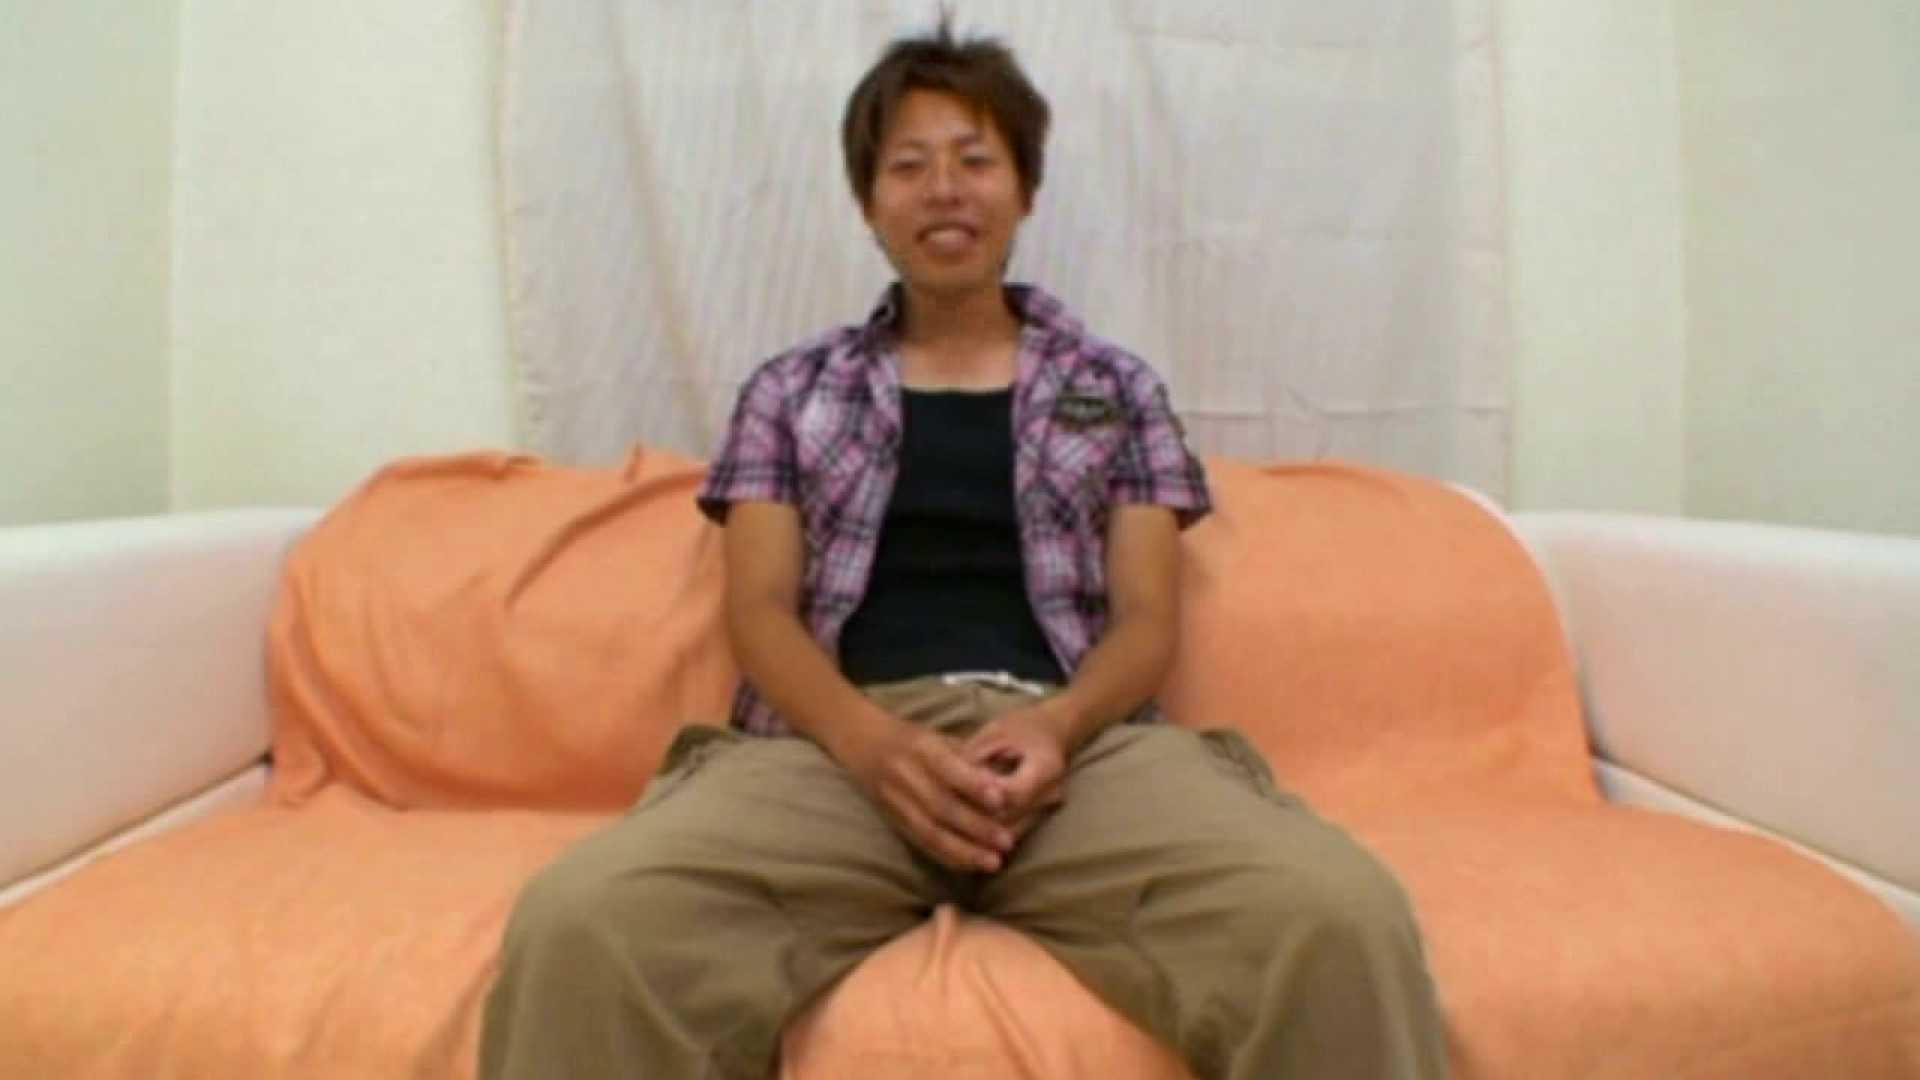 ノンケ!自慰スタジオ No.10 自慰シーン   素人盗撮 エロビデオ紹介 103枚 46